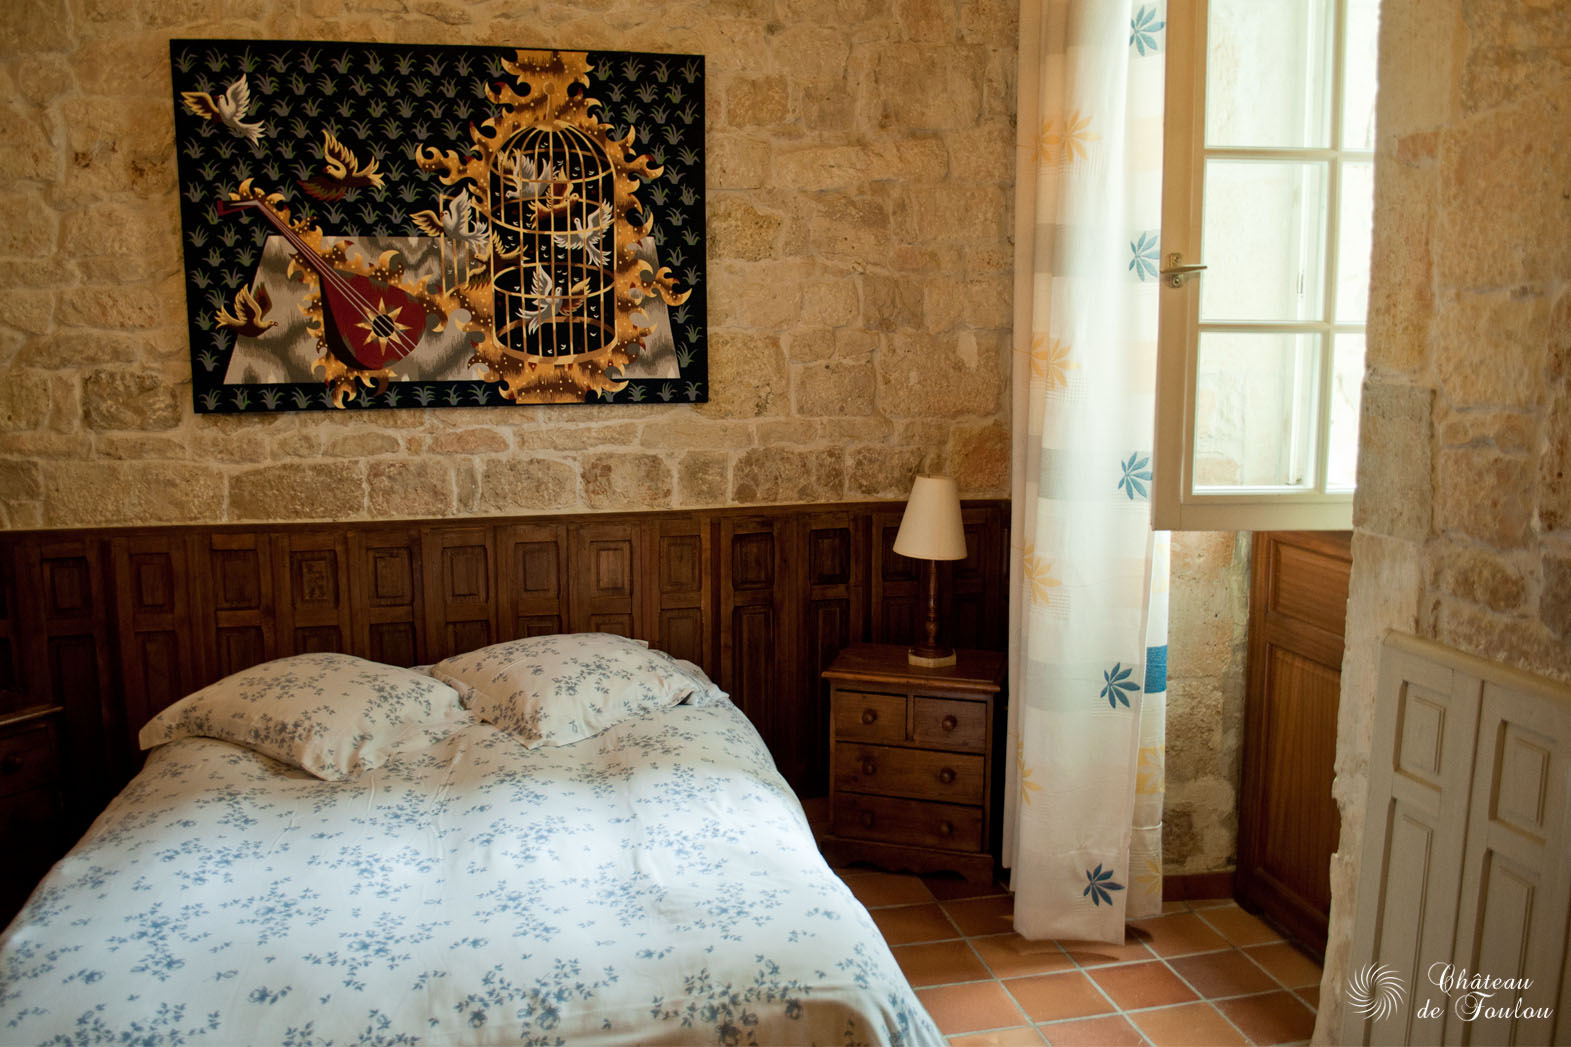 http://www.chateau-de-foulou.com/wp-content/uploads/2014/05/roomtour02.jpg